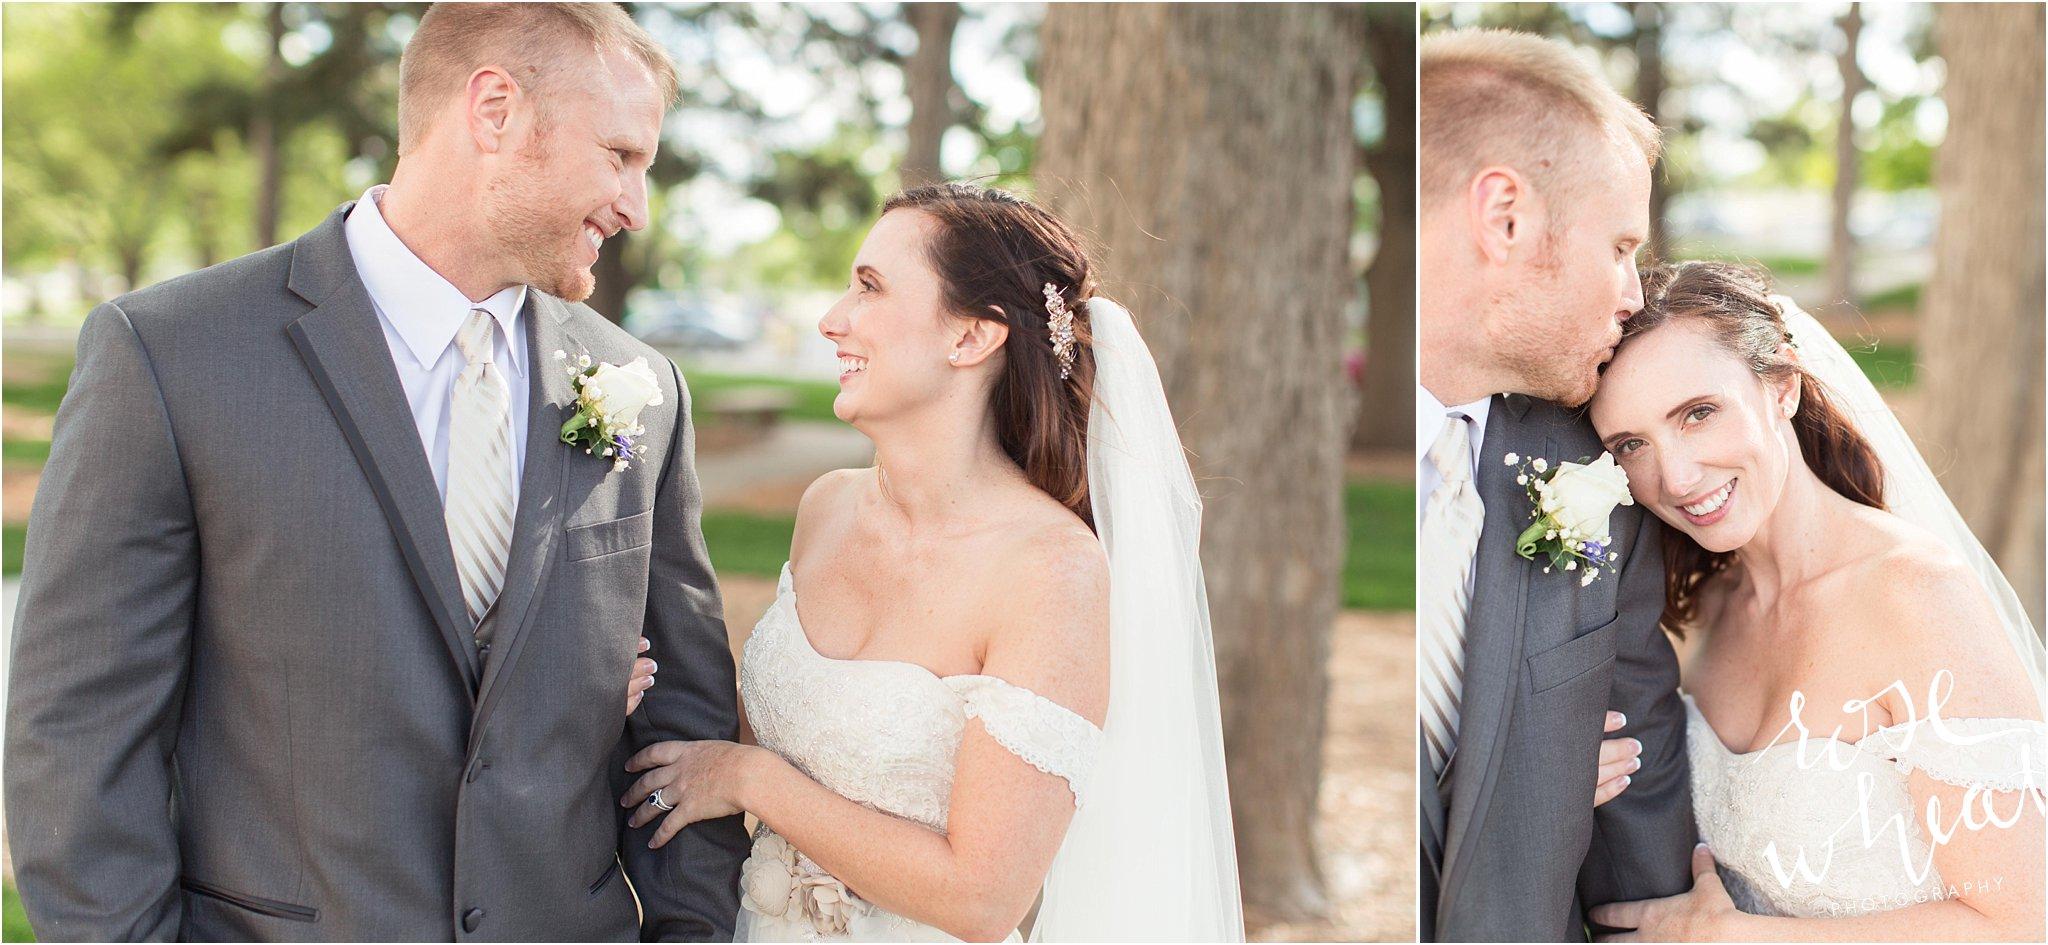 0430021. Topeka Kansas State Capitol Wedding.JPG